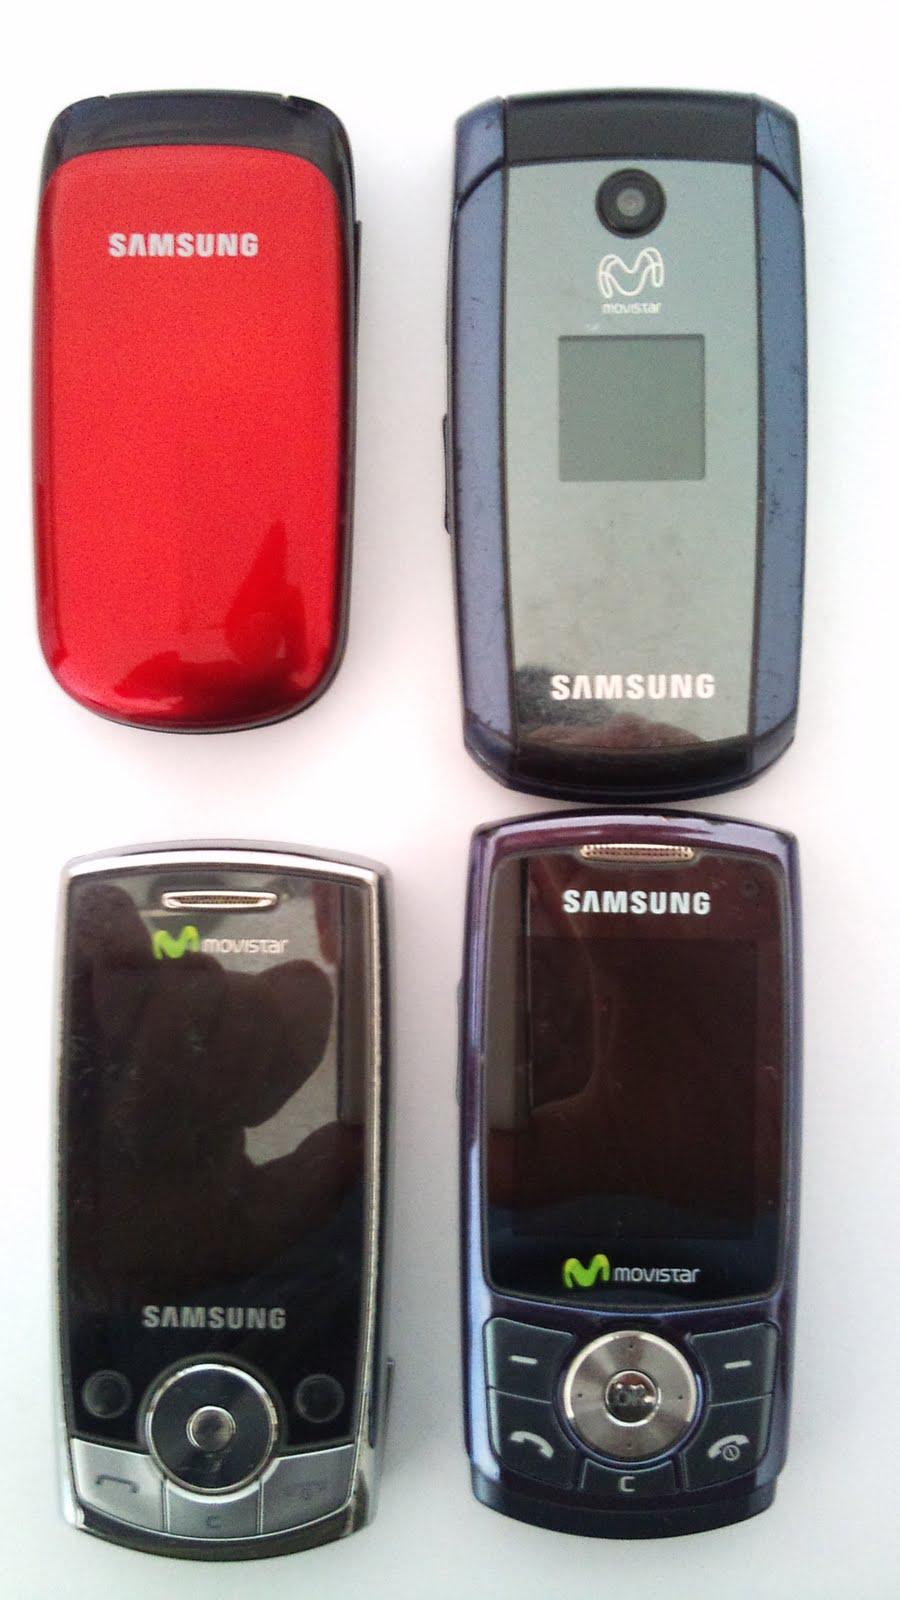 Moviles de segundamano las palmas sansung segundamano for Moviles baratos las palmas